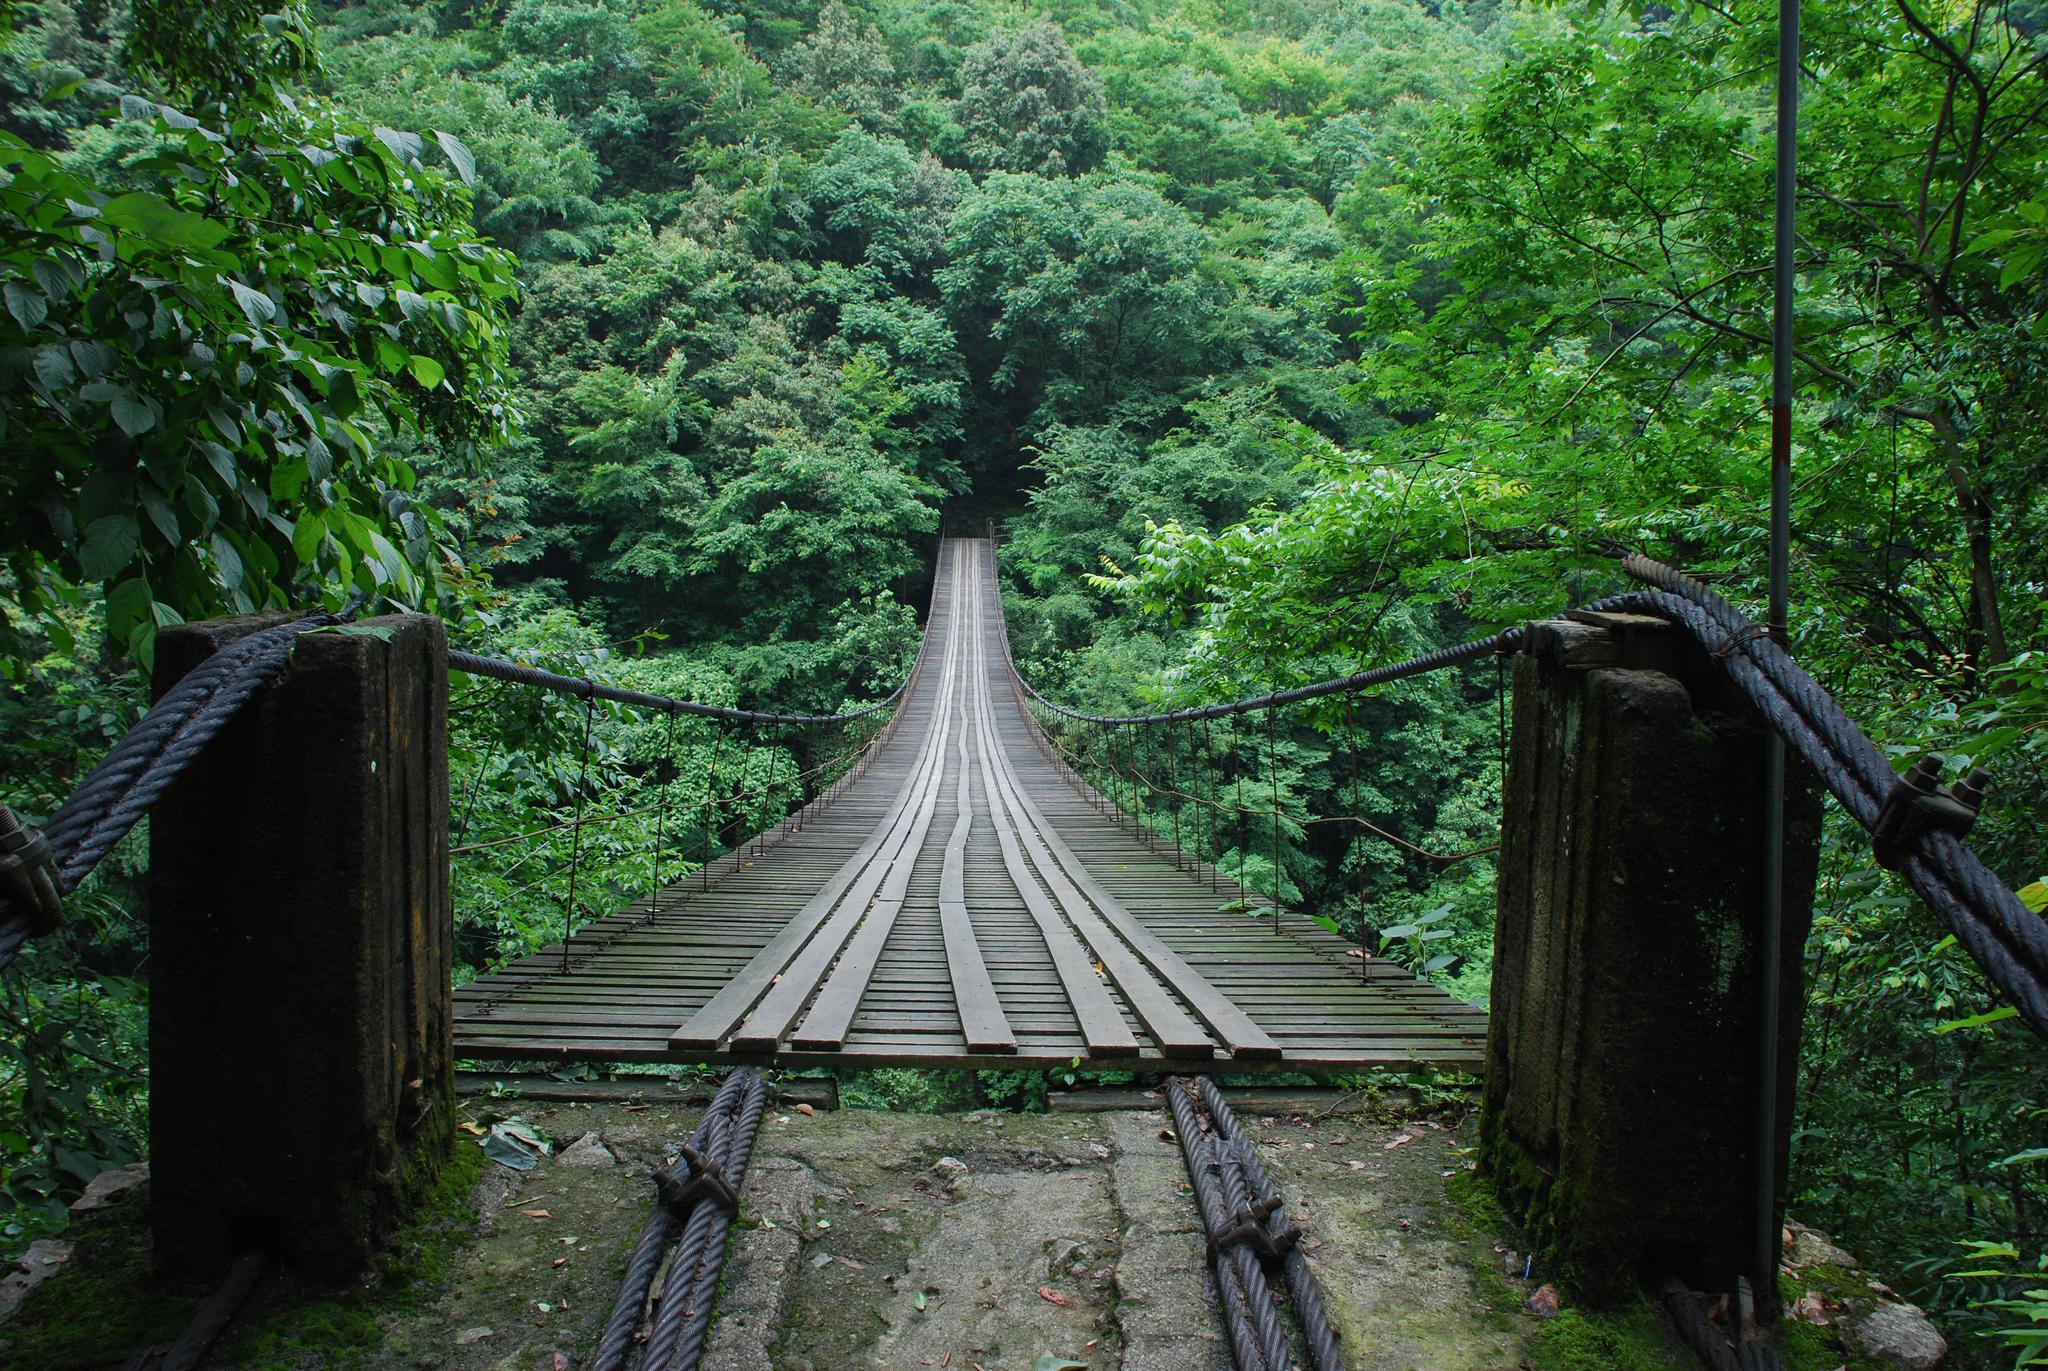 我國新增3條國家森林步道,途經25處國家級自然保護區|國家級自然保護區|大別山_新浪新聞